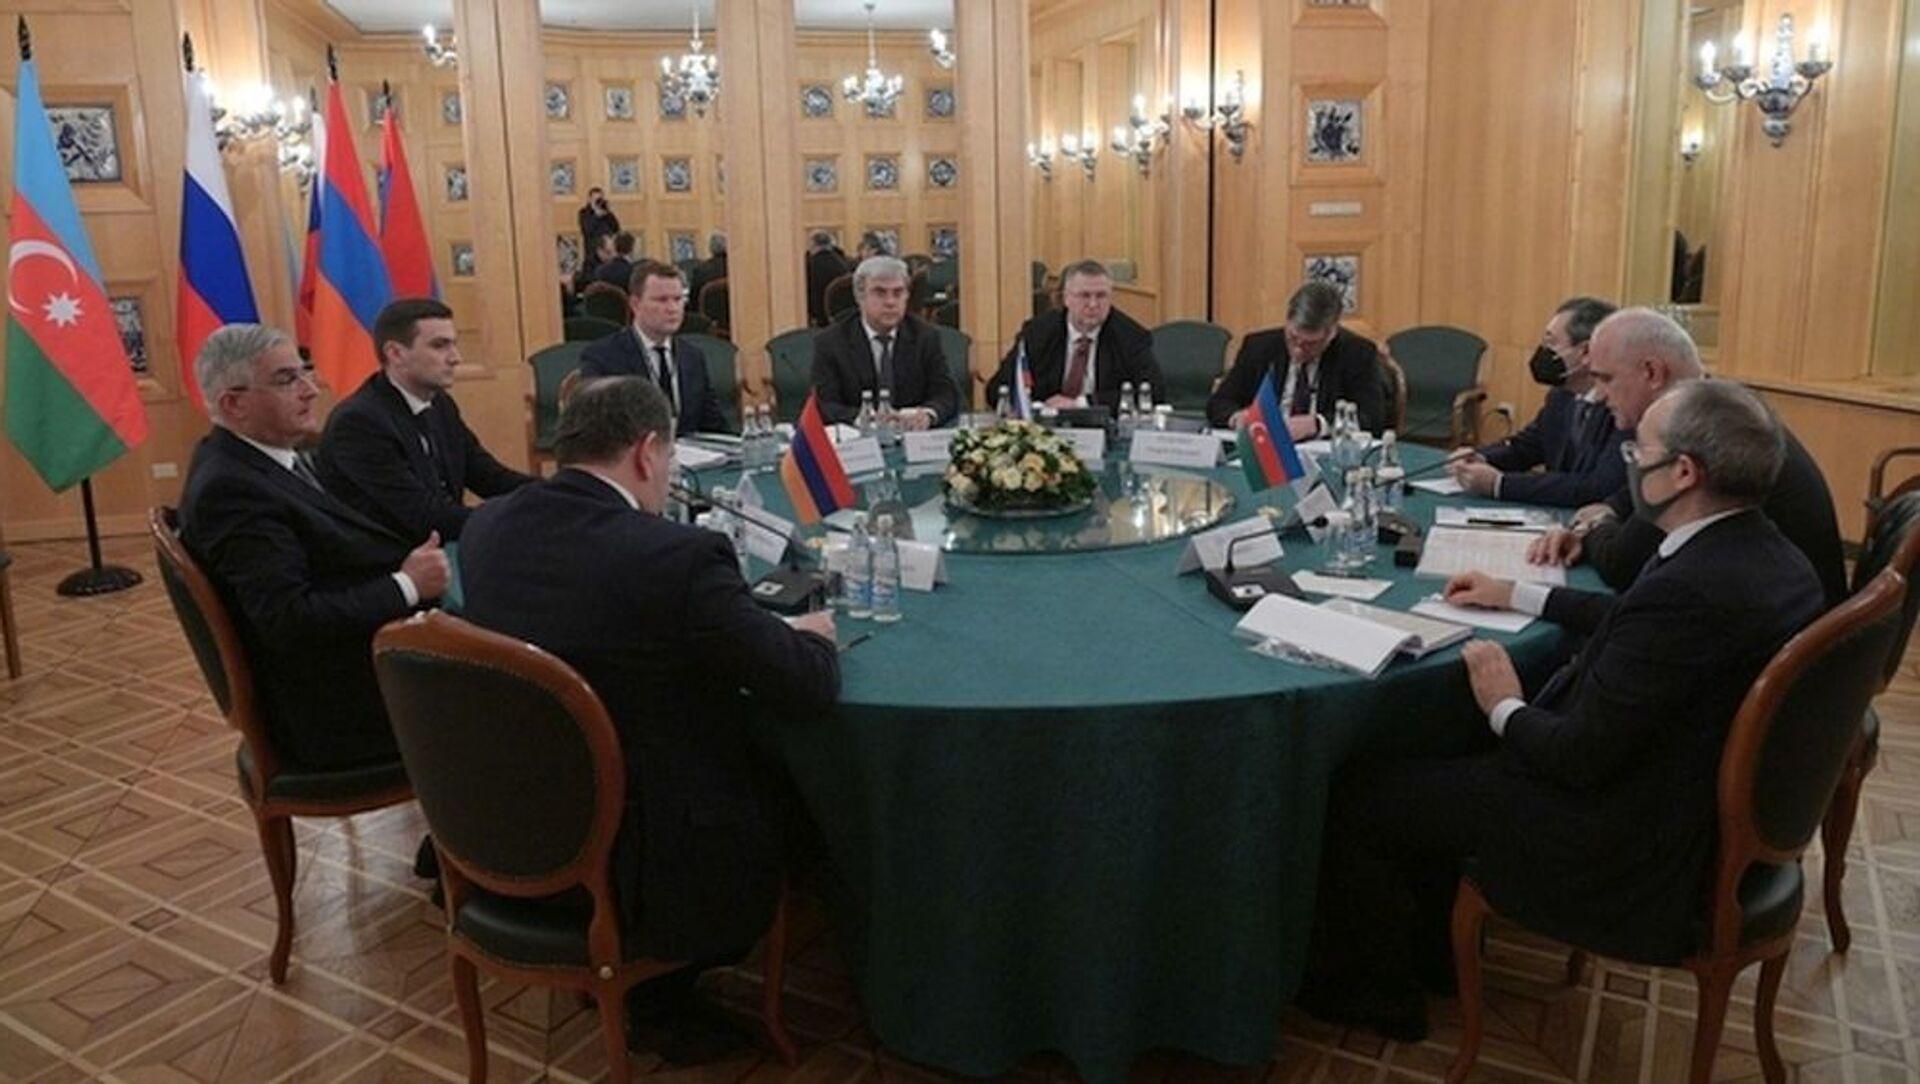 Заседание трёхсторонней Рабочей группы под совместным председательством вице-премьеров Армении, Азербайджана и России (30 января 2021). Москвa - Sputnik Азербайджан, 1920, 26.05.2021